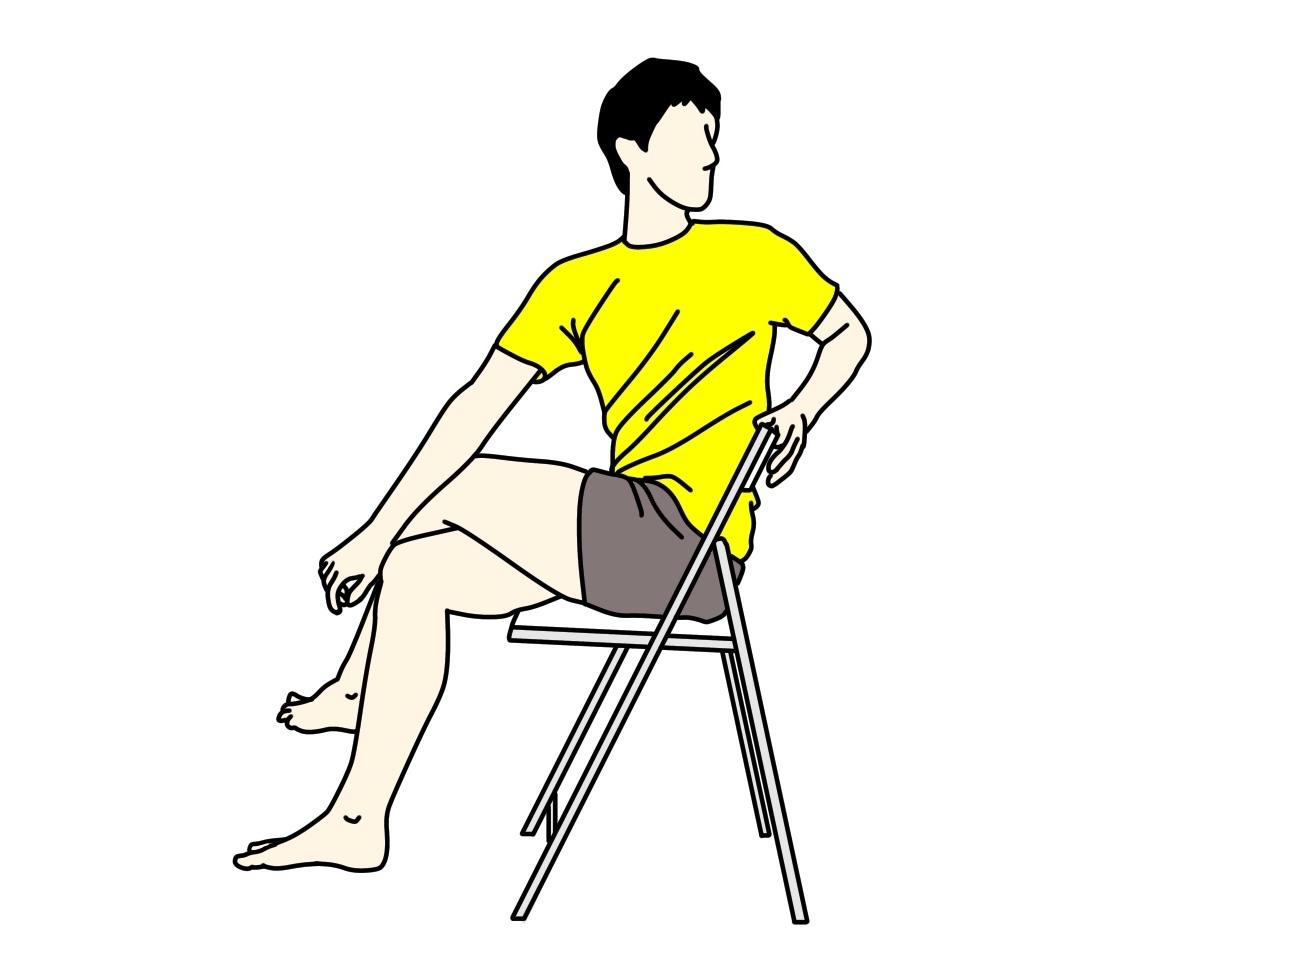 椅子に座った姿勢で行うお尻〜腰の筋肉のストレッチの方法2